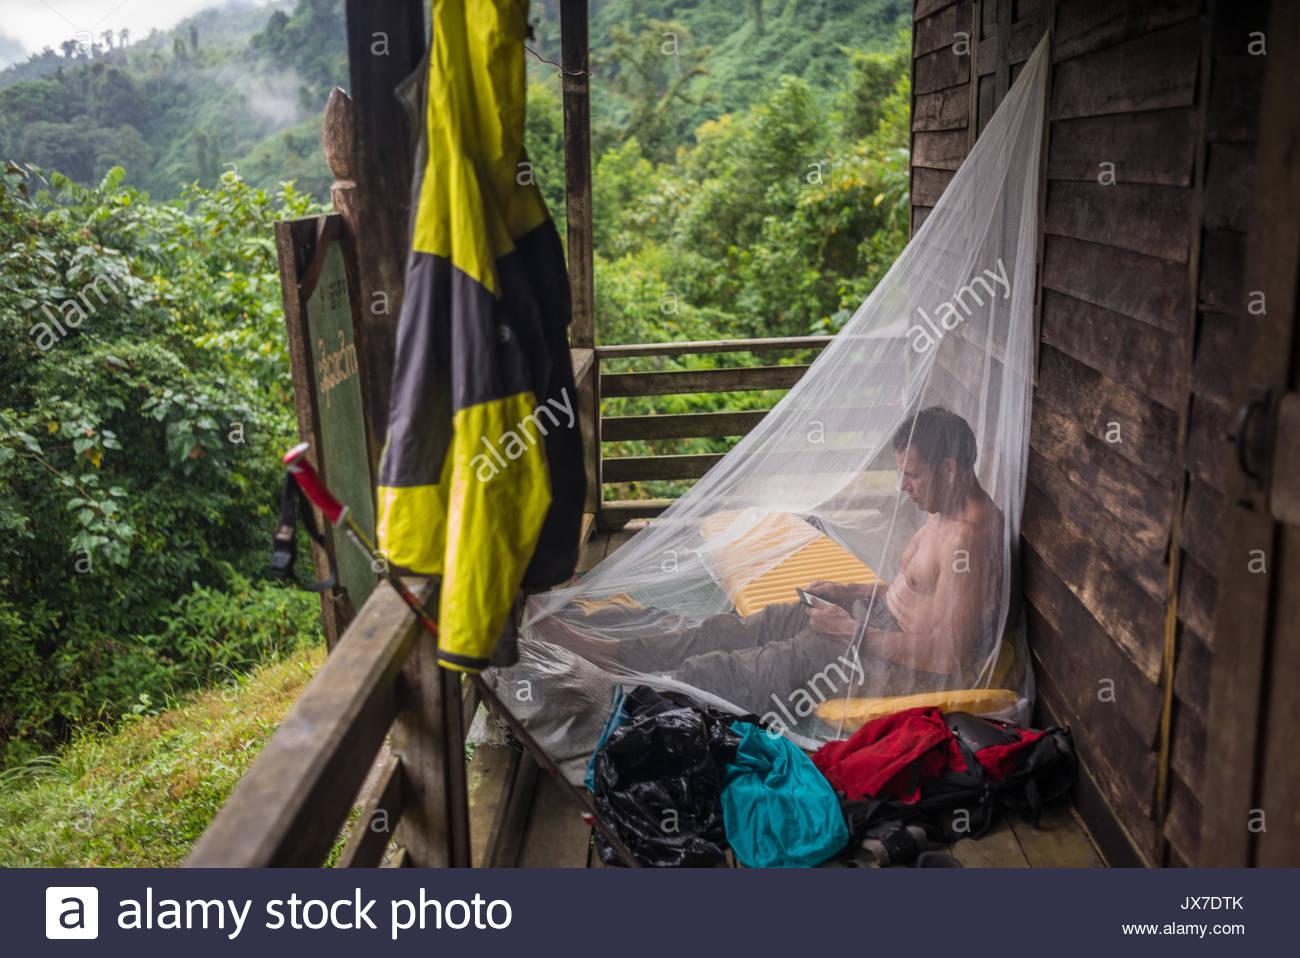 Eine Expedition Mitglied sitzt draußen, in einem Moskitonetz abgedeckt, während er sein Telefon verwendet. Stockbild